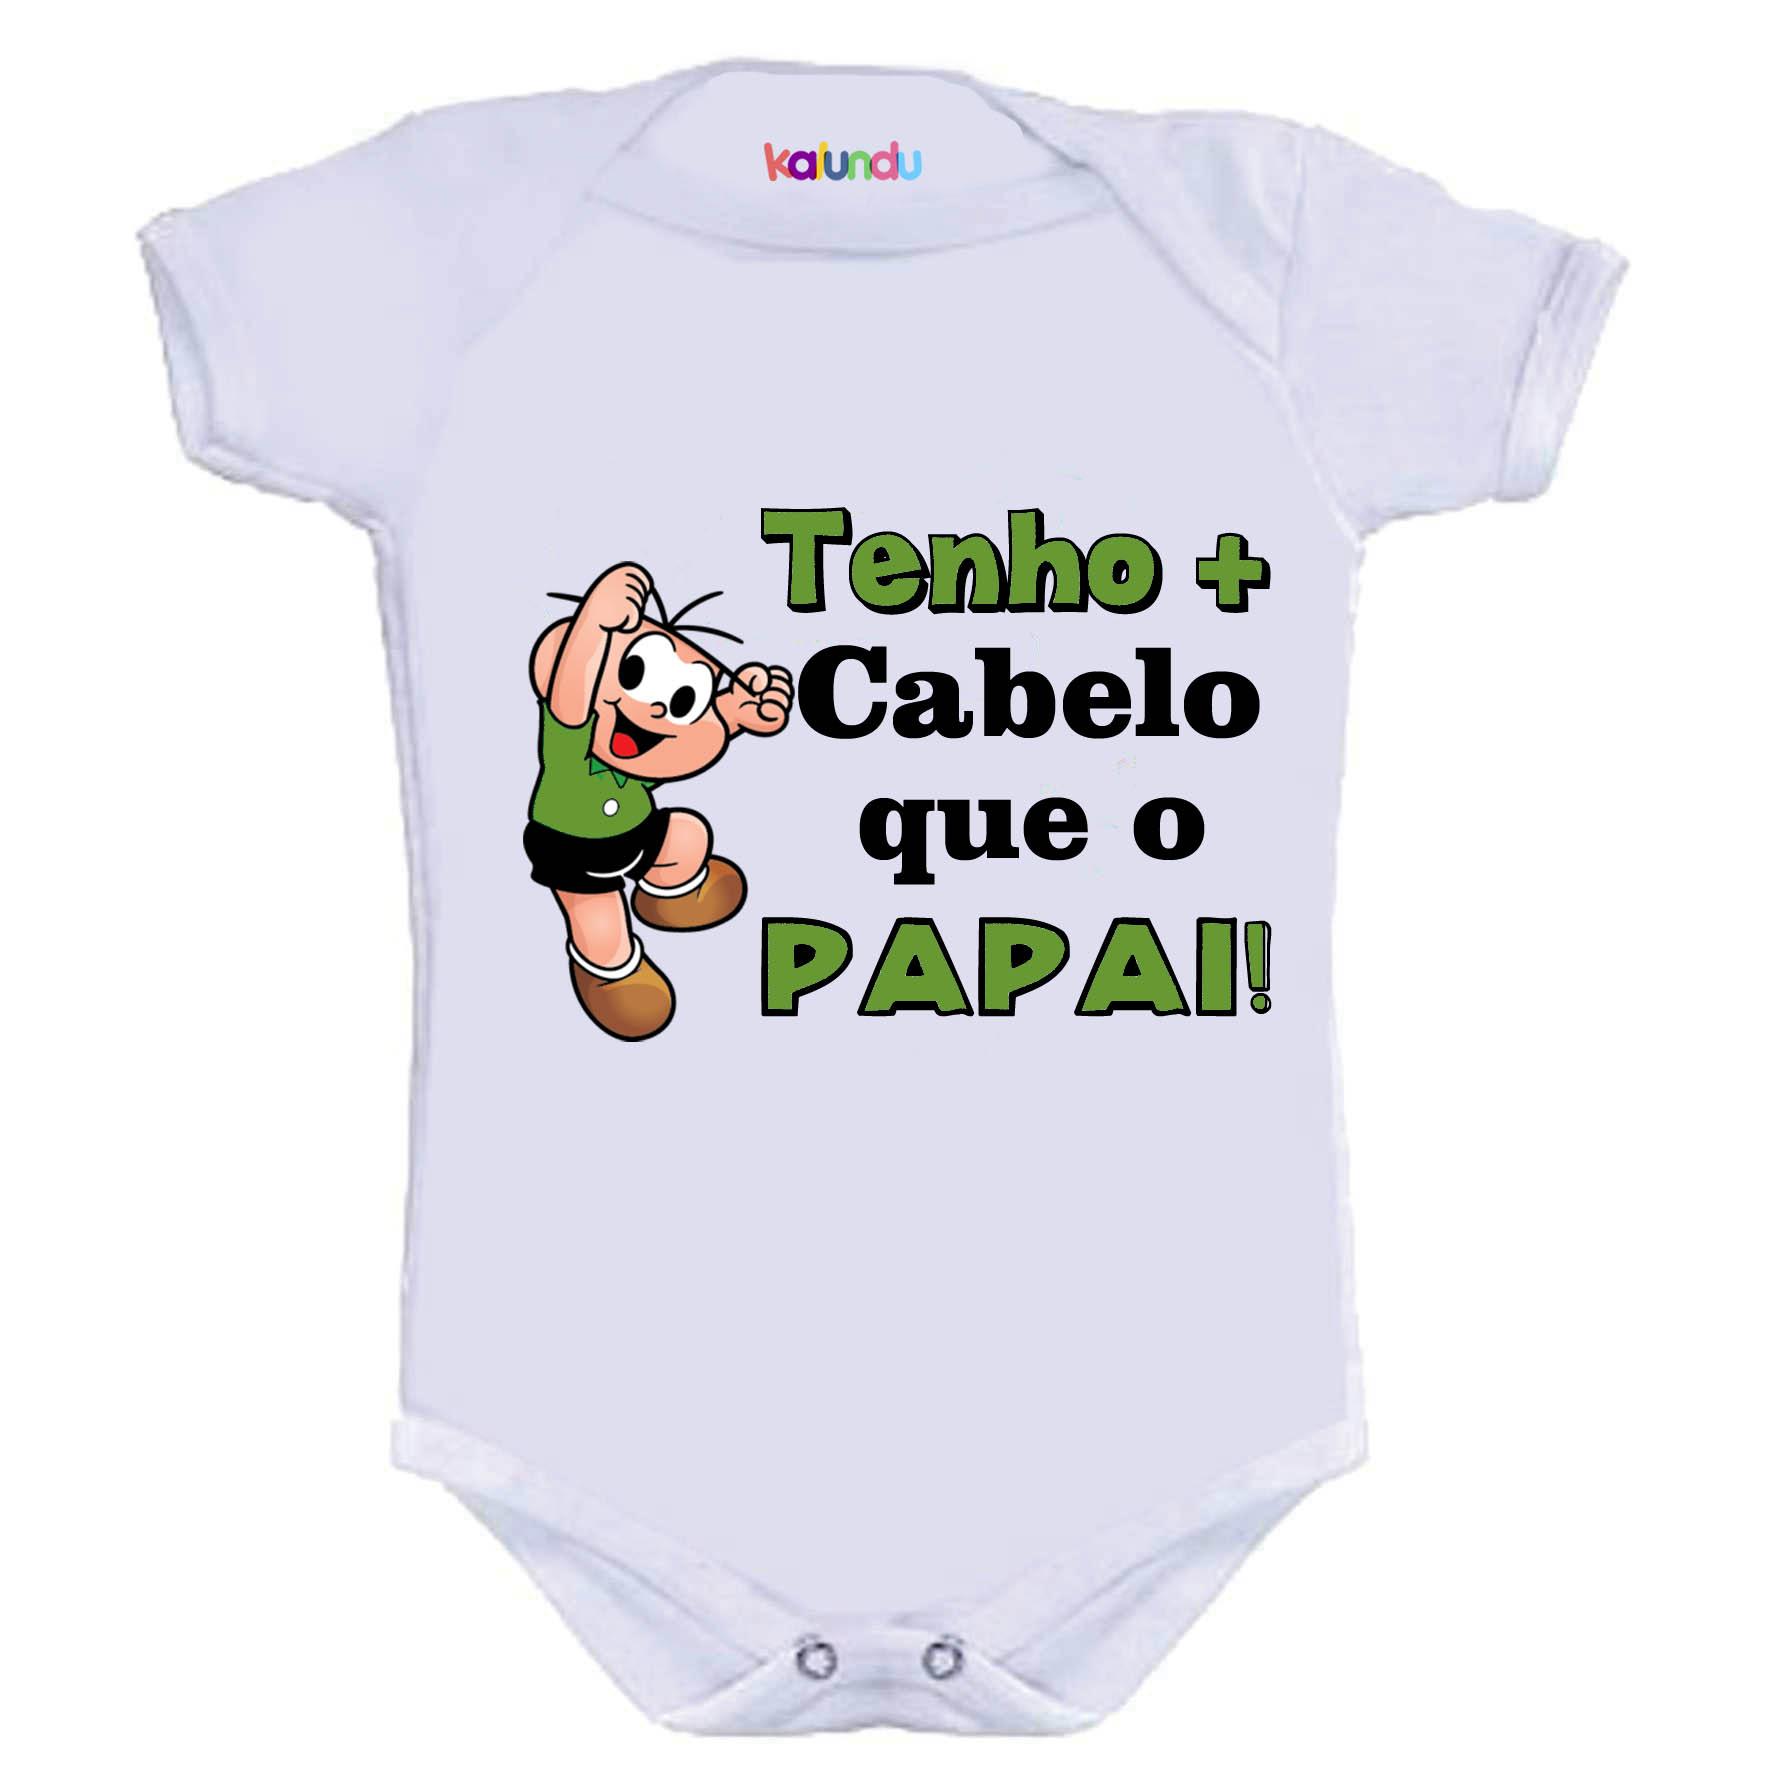 Body Bori Bebe Personalizado Divertido Tenho Cabelo Papai  55706af1bb8c3